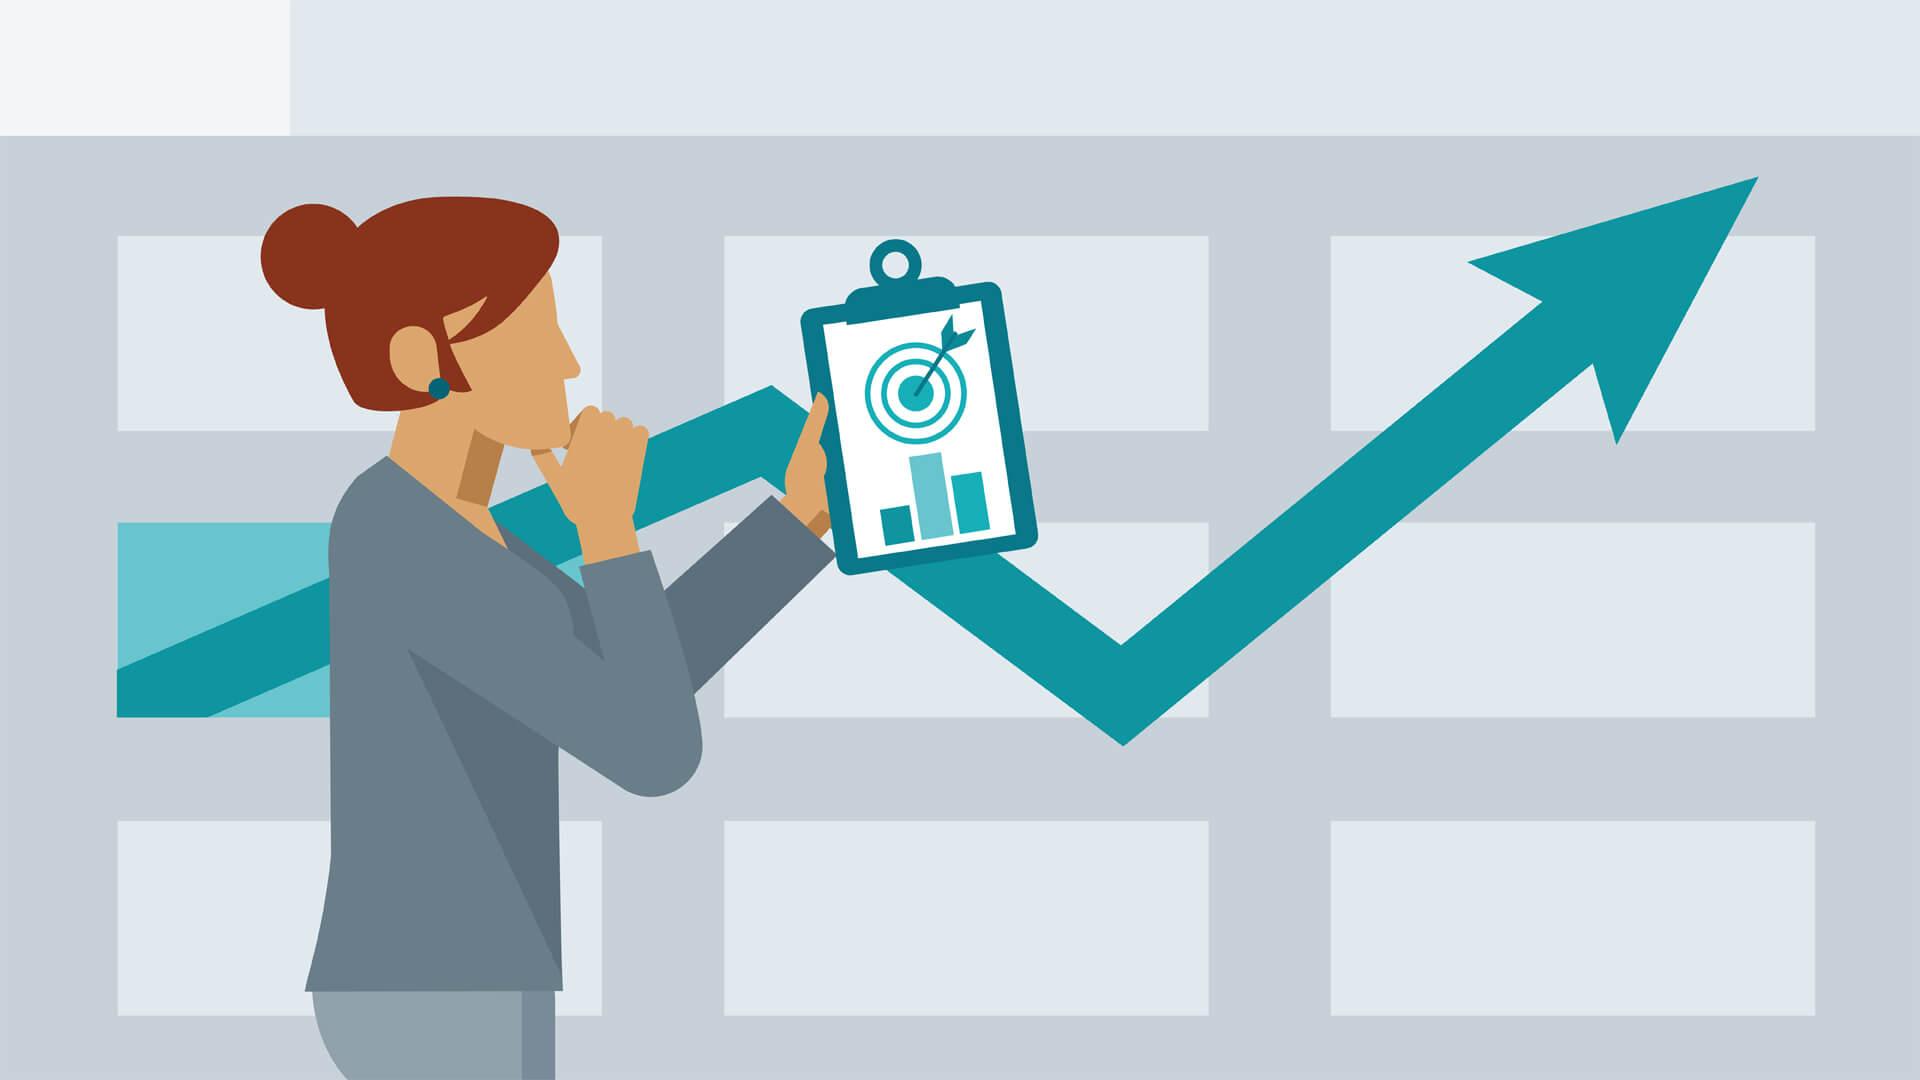 Bí quyết cho 'dân sale chuyên nghiệp': Marketing luôn nhớ 'thủ thuật hơn thủ đoạn'